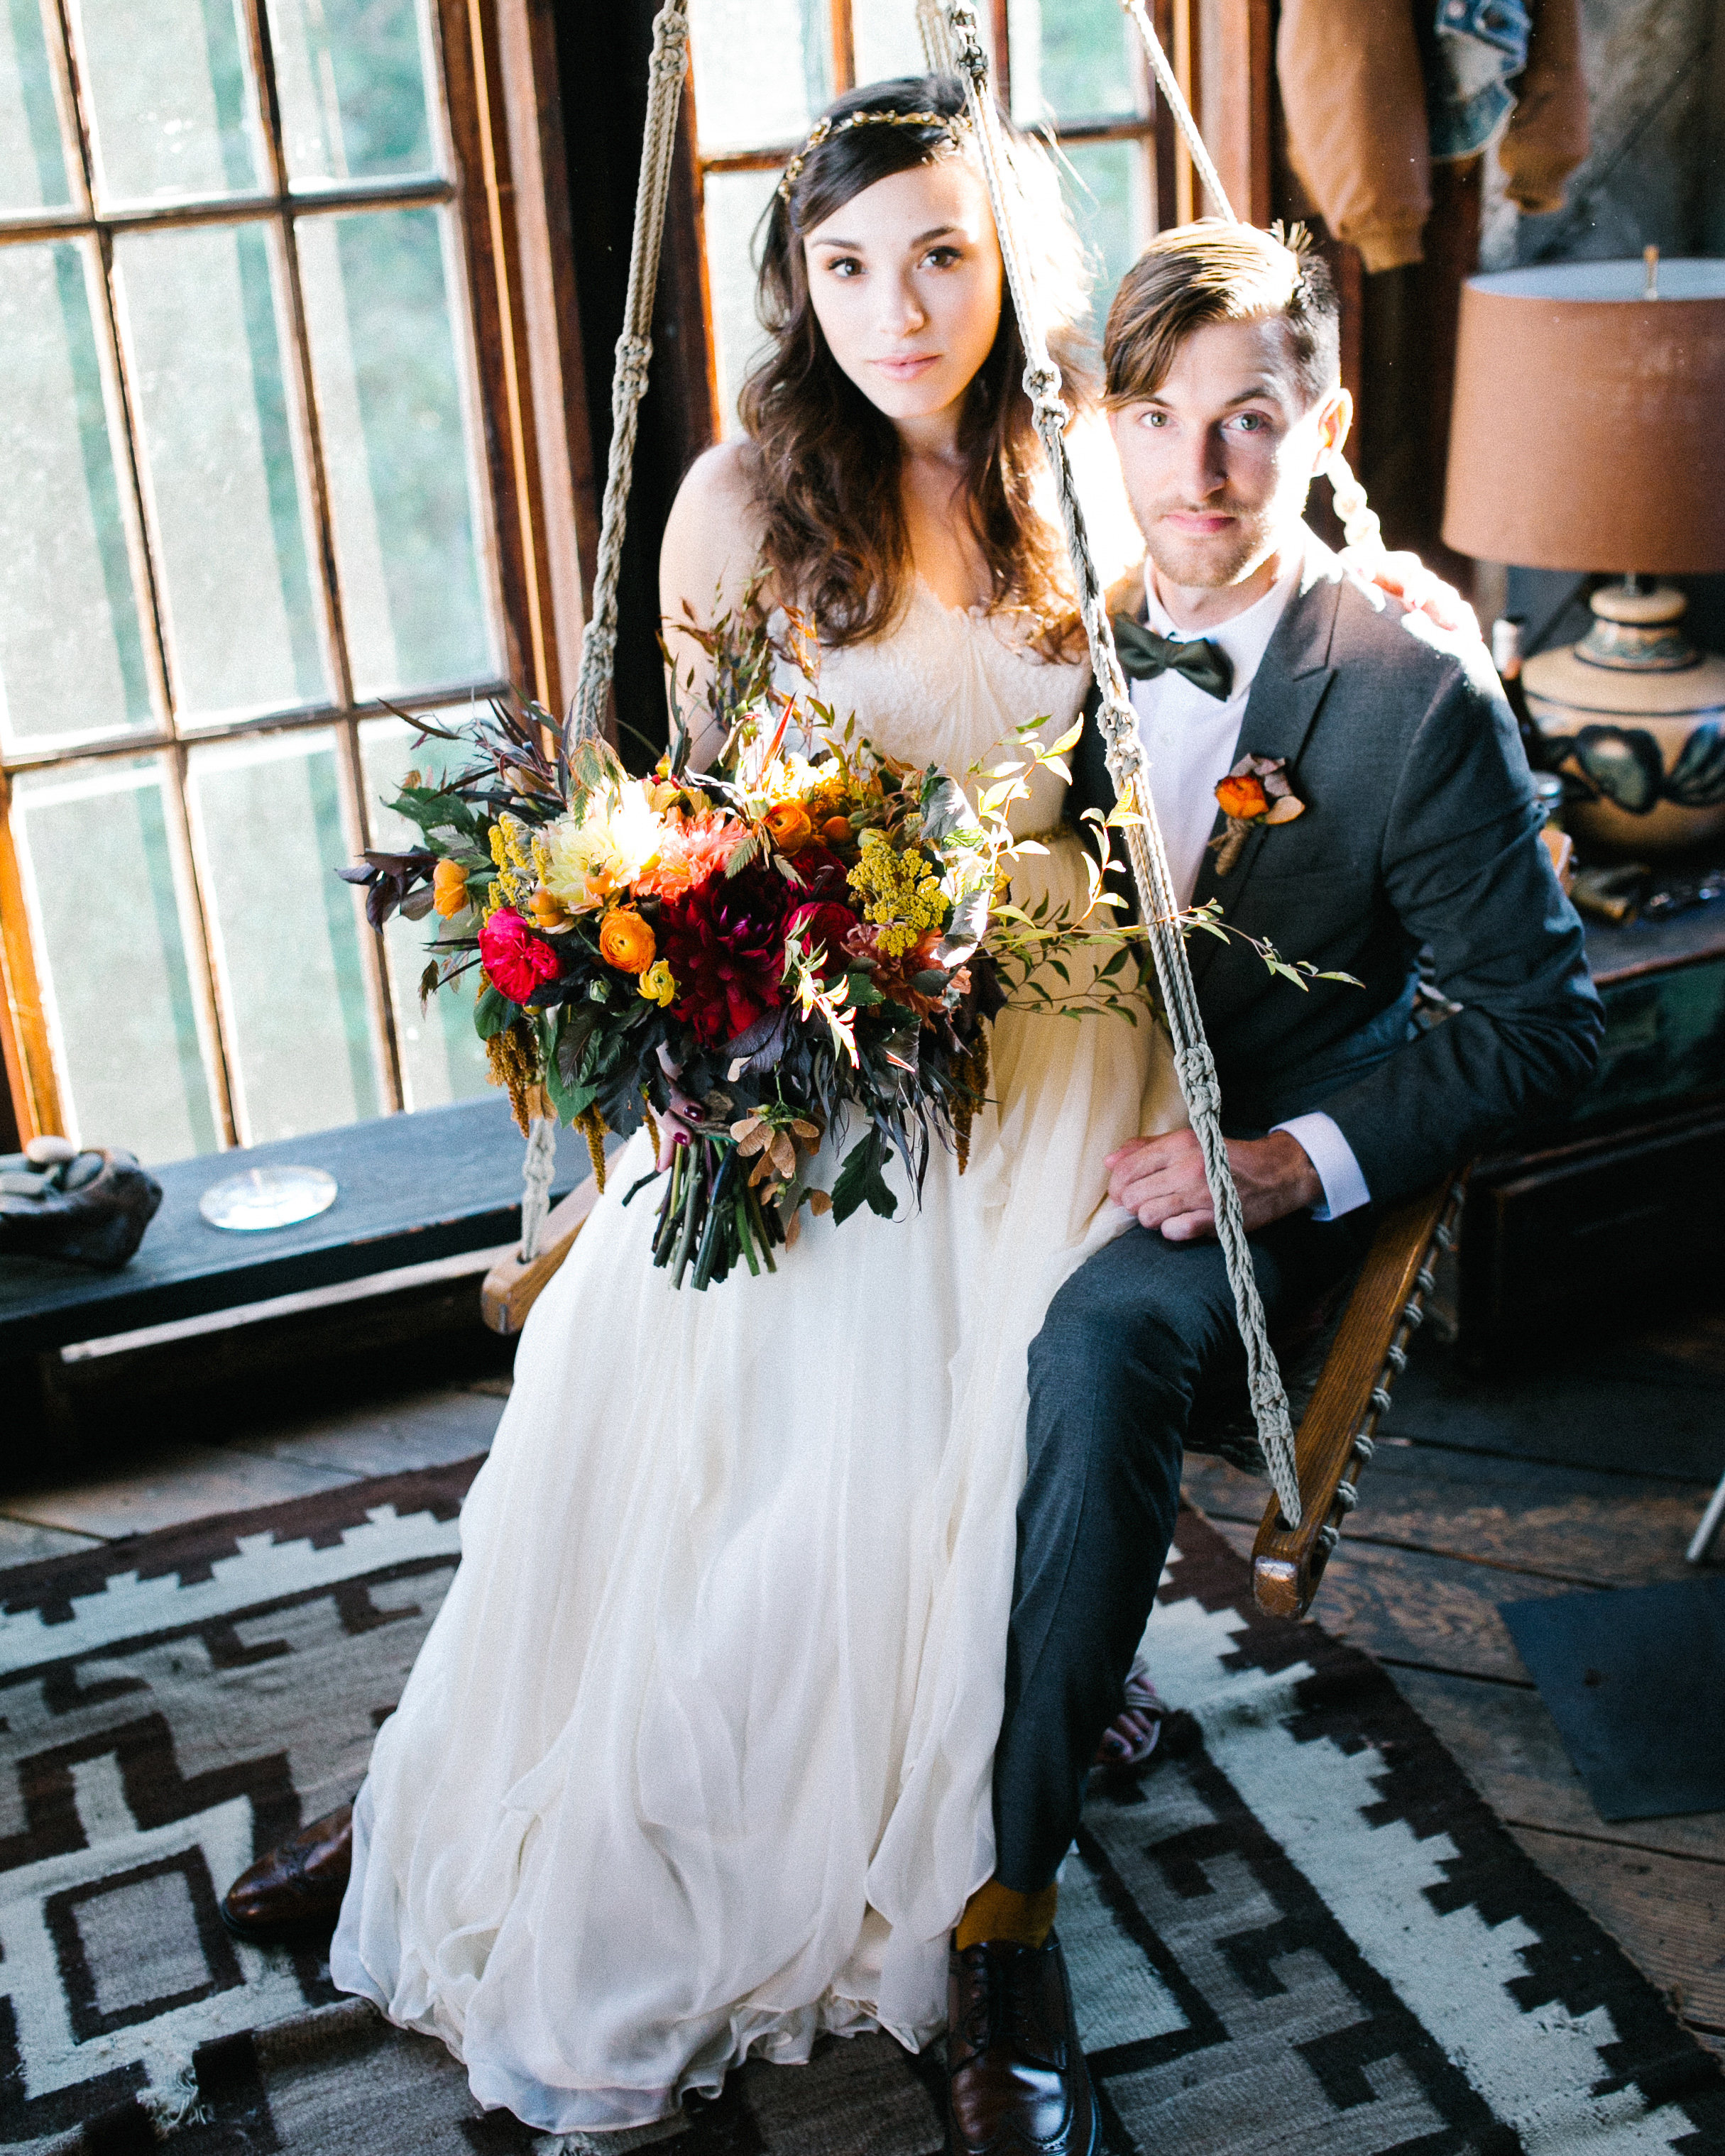 marguerita-aaron-wedding-couple-257-s111848-0214.jpg